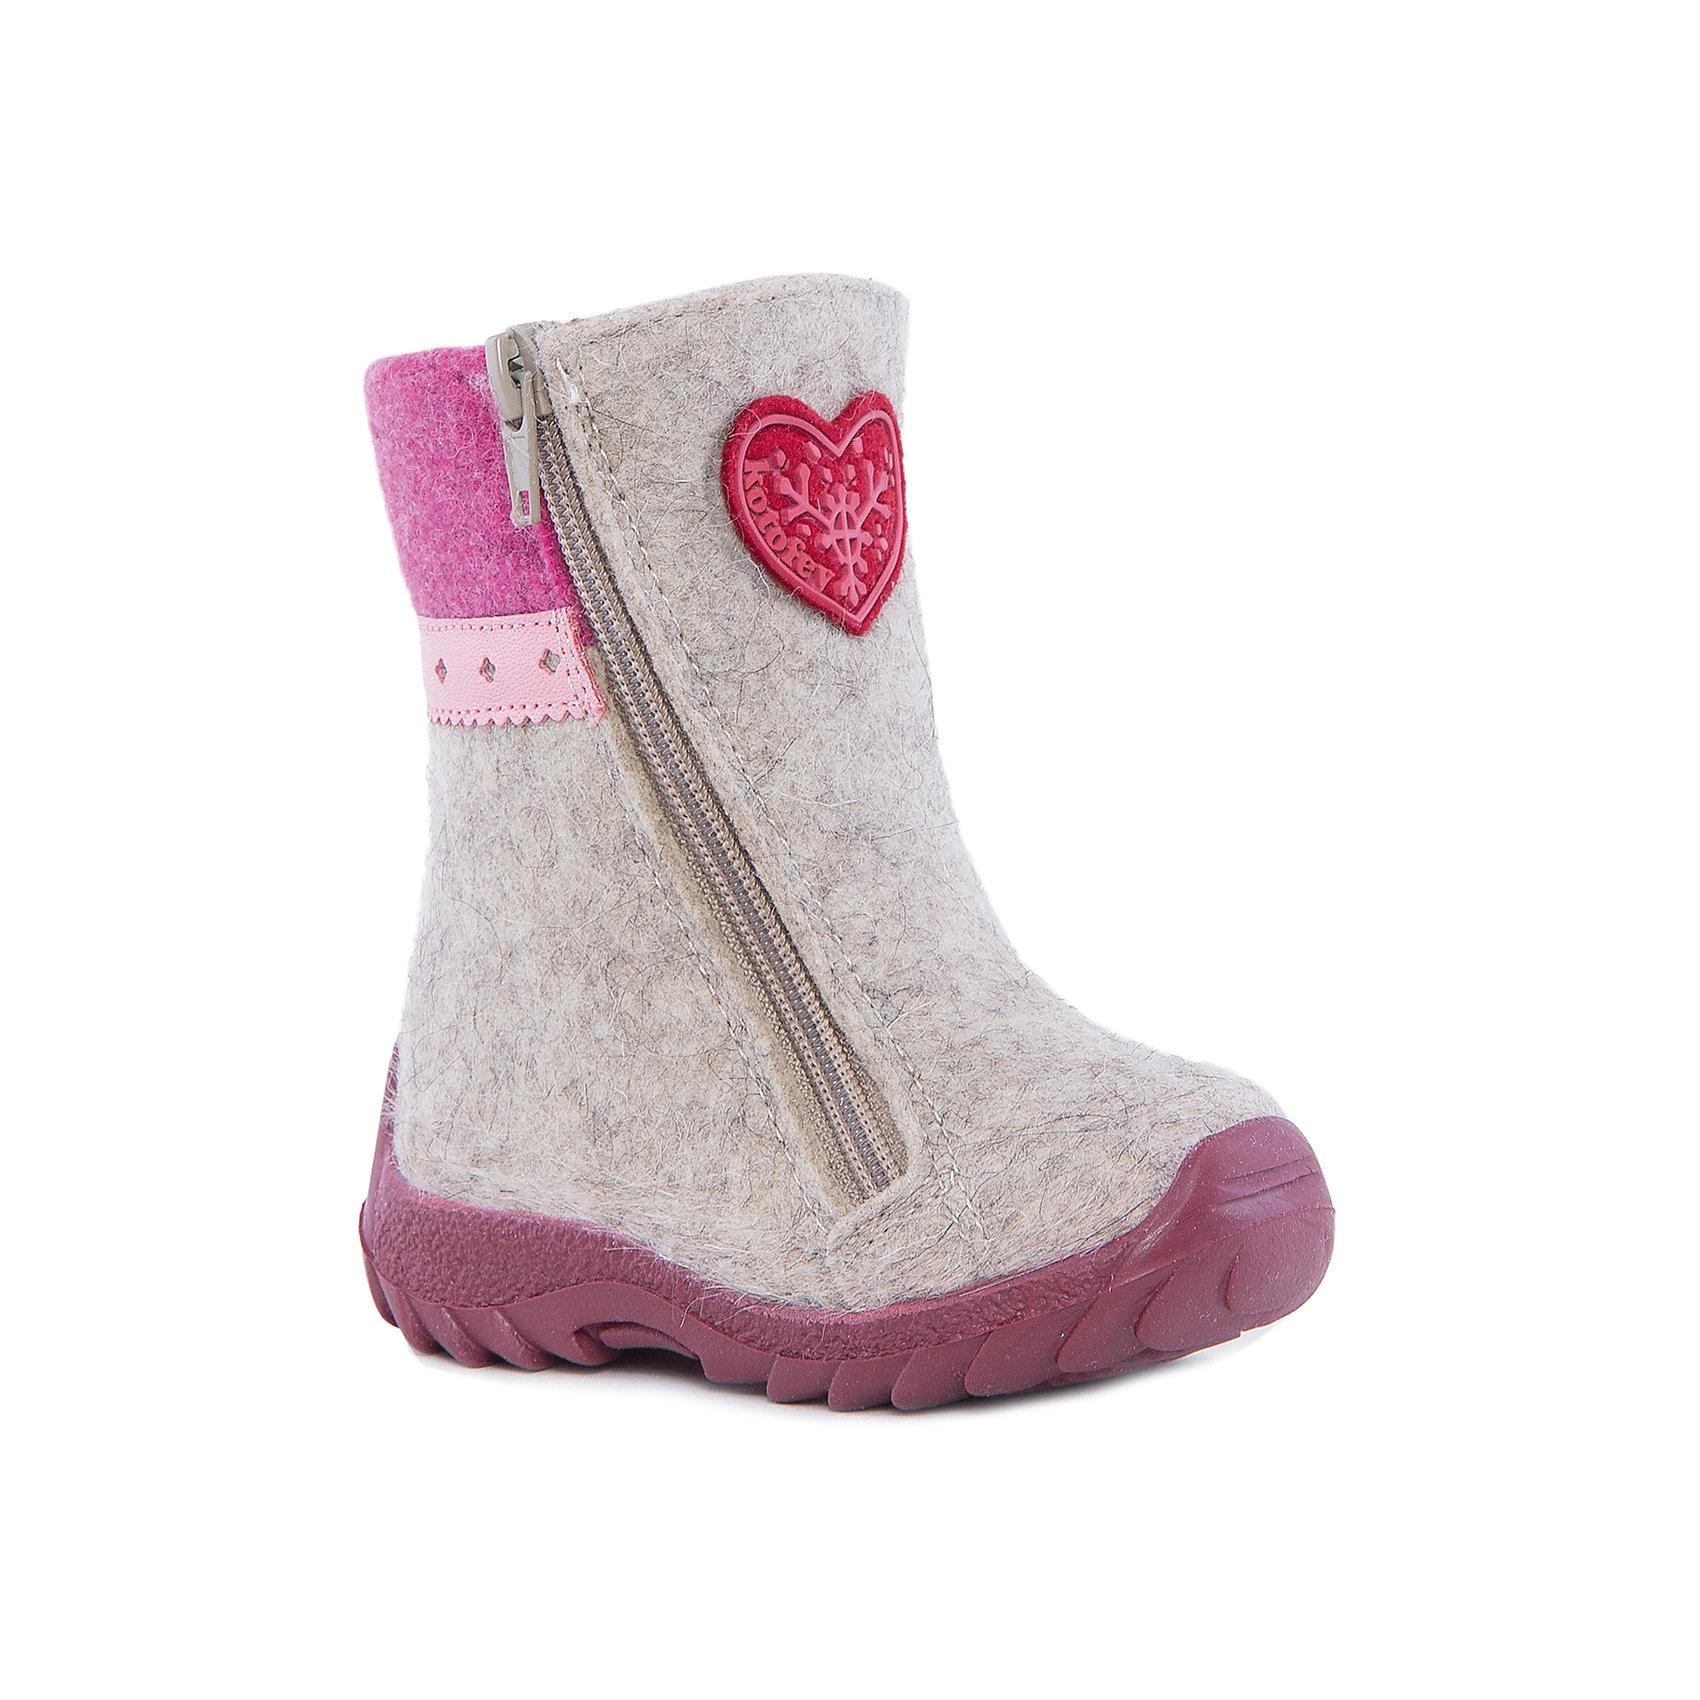 Валенки для девочки КотофейВаленки<br>Котофей – качественная и стильная детская обувь по доступным ценам. С каждым днем популярность магазина растет.  Войлочные сапожки – теплая и удобная детская обувь. Ботиночки изготовлены из натурального материала. Высокая подошва защитит от промокания. Необычный дизайн и материалы в традиционном стиле легли в основу создания модной моделей нового сезона. Молния установлена с двух сторон.<br><br>Дополнительная информация:<br><br>цвет: серо-розовый;<br>вид крепления: на клею;<br>застежка: пластиковая молния;<br>температурный режим: от -20 °С до +5° С.<br><br>Состав:<br>верх – войлок;<br>подклад – шерстяной мех;<br>материал подошвы – ТЭП.<br><br>Зимние ботиночки для девочек ясельного возраста из кожи от фирмы Котофей можно приобрести у нас в магазине.<br><br>Ширина мм: 257<br>Глубина мм: 180<br>Высота мм: 130<br>Вес г: 420<br>Цвет: розовый<br>Возраст от месяцев: 21<br>Возраст до месяцев: 24<br>Пол: Женский<br>Возраст: Детский<br>Размер: 24,22,23,21<br>SKU: 4982369